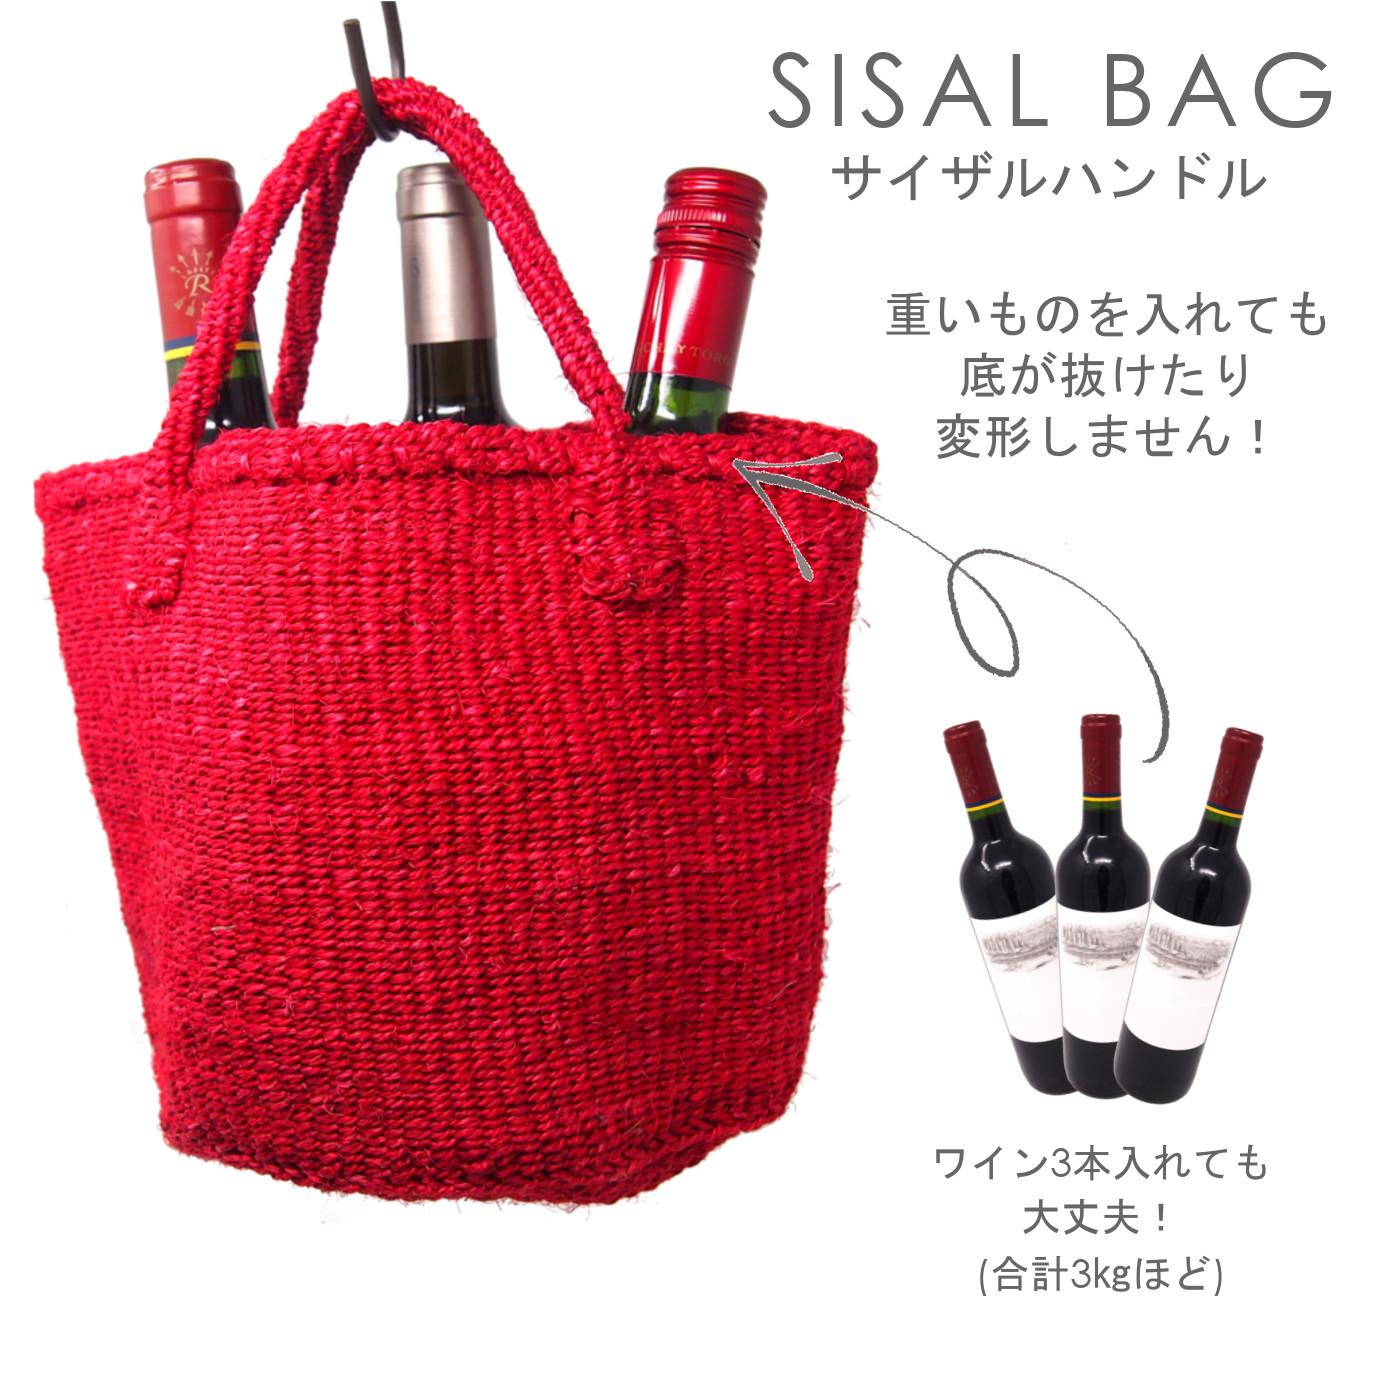 サイザルバッグ Sサイズ マーブル ワインパープル・ナチュラル